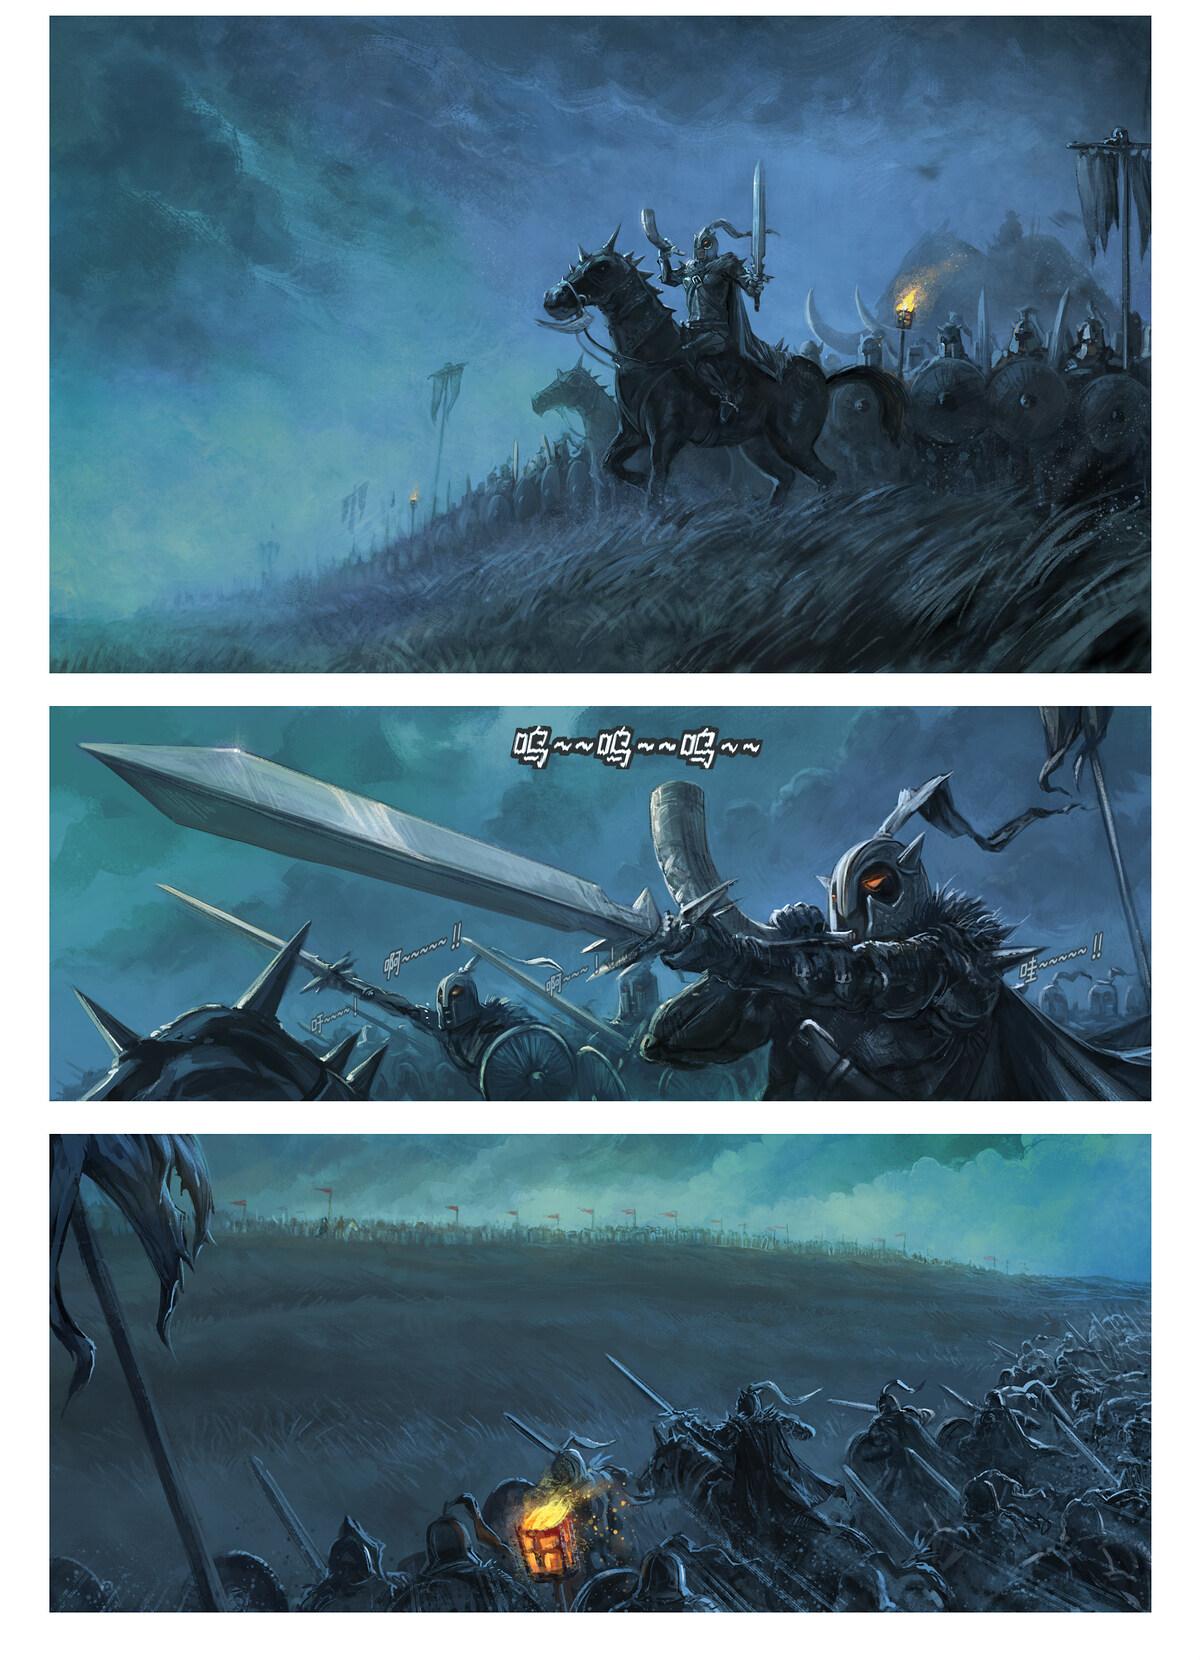 第33集:战争大魔咒, Page 1